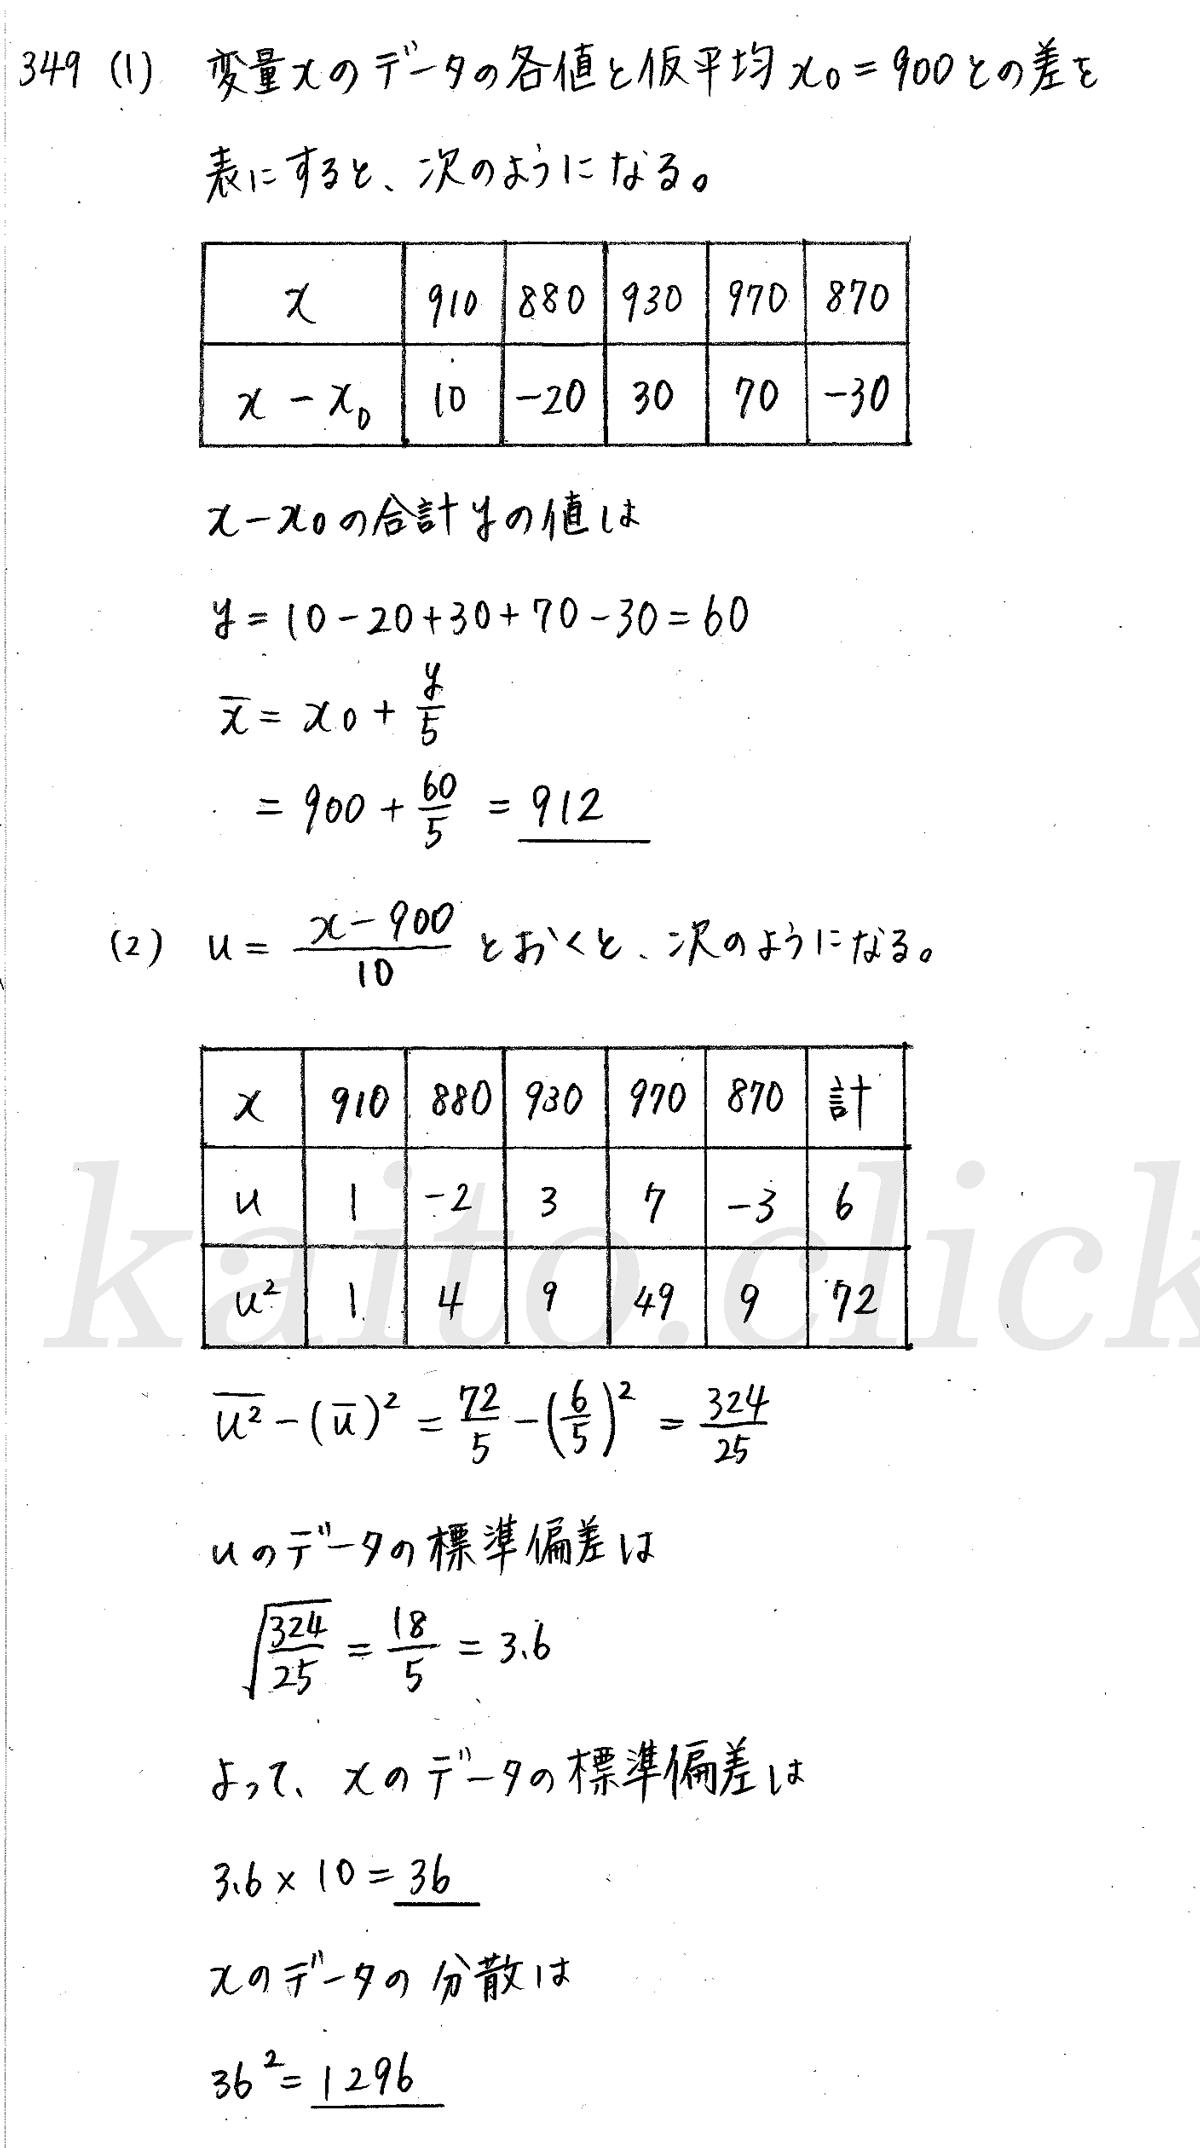 クリアー数学1-349解答